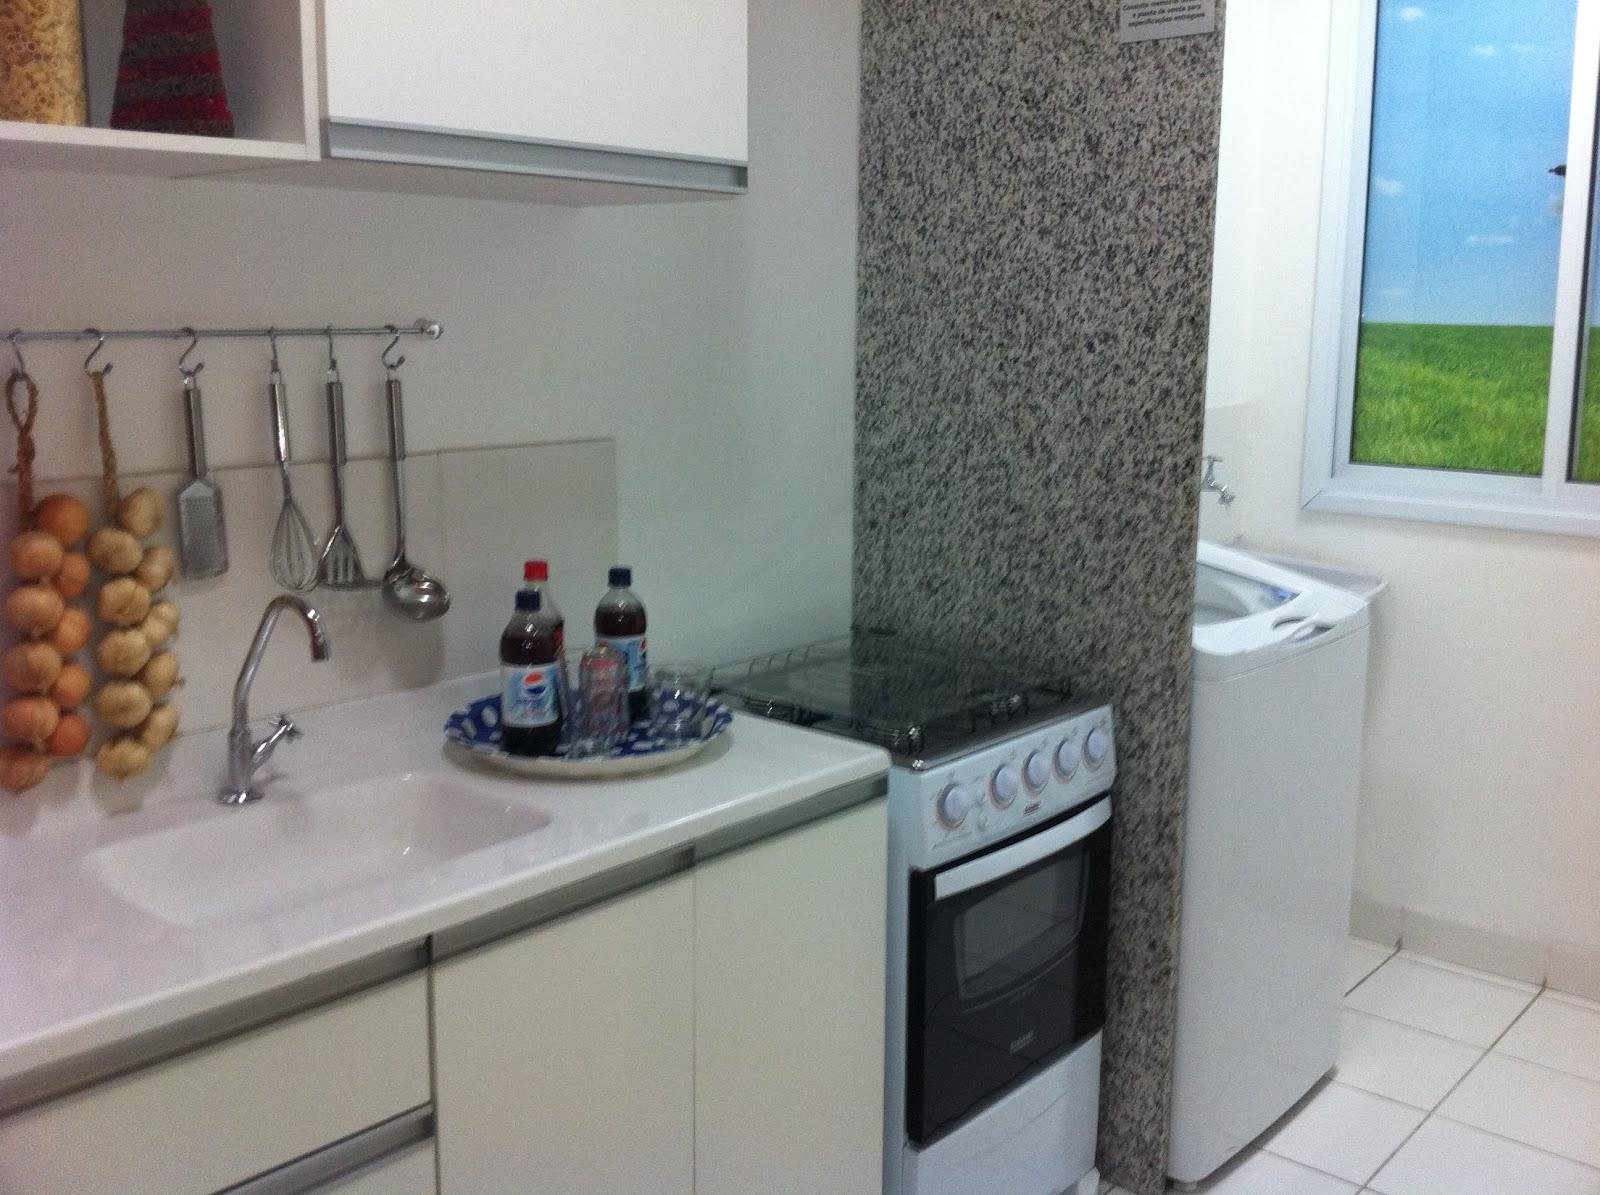 Favoritos Decoração: Dividindo a Cozinha e a Lavanderia - Cores da Casa AC28